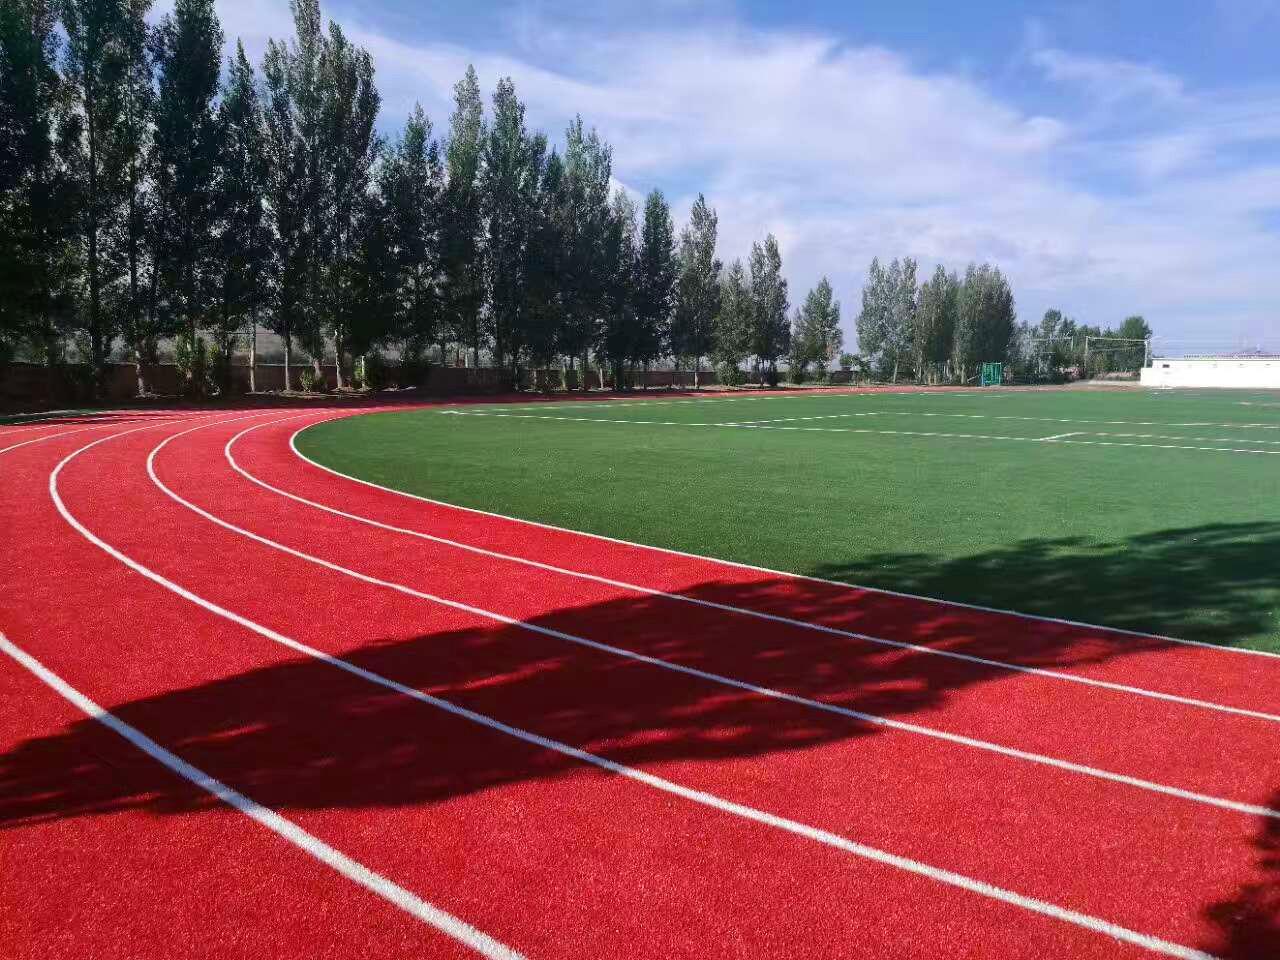 杭州透气型跑道(复合型跑道,混合型跑道)